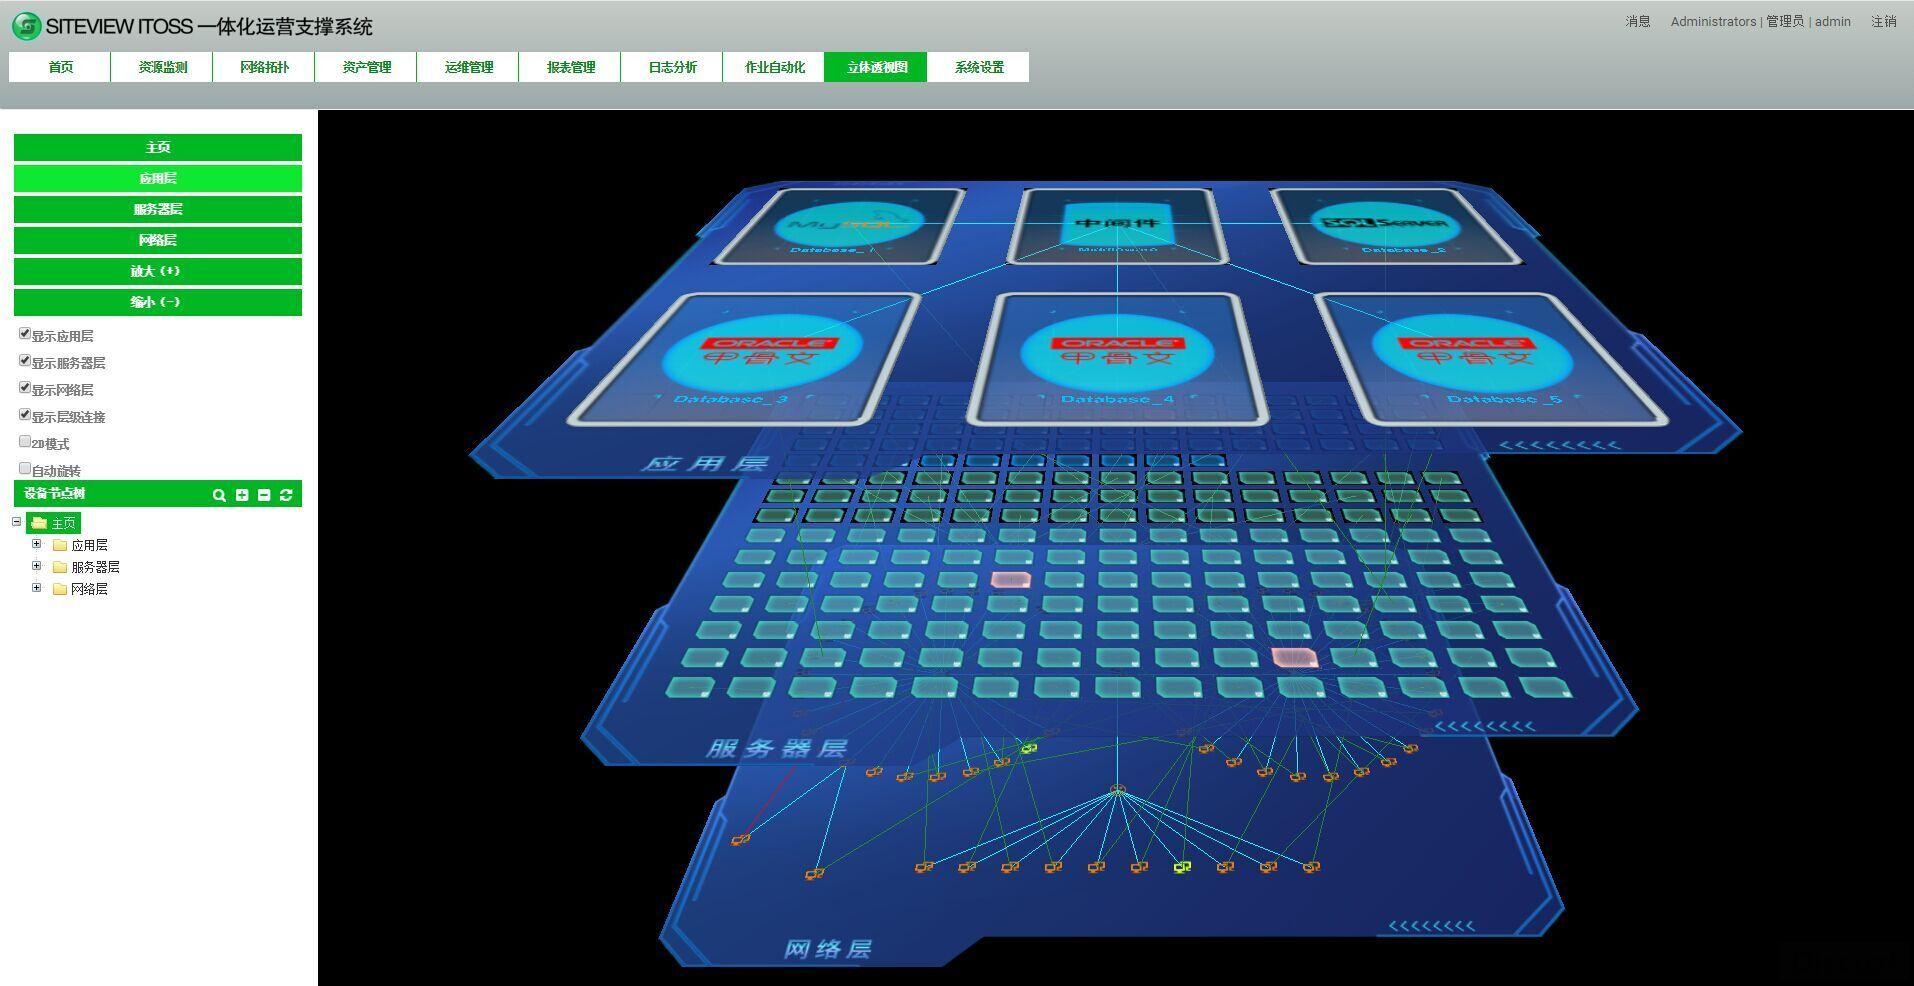 siteview001.jpg